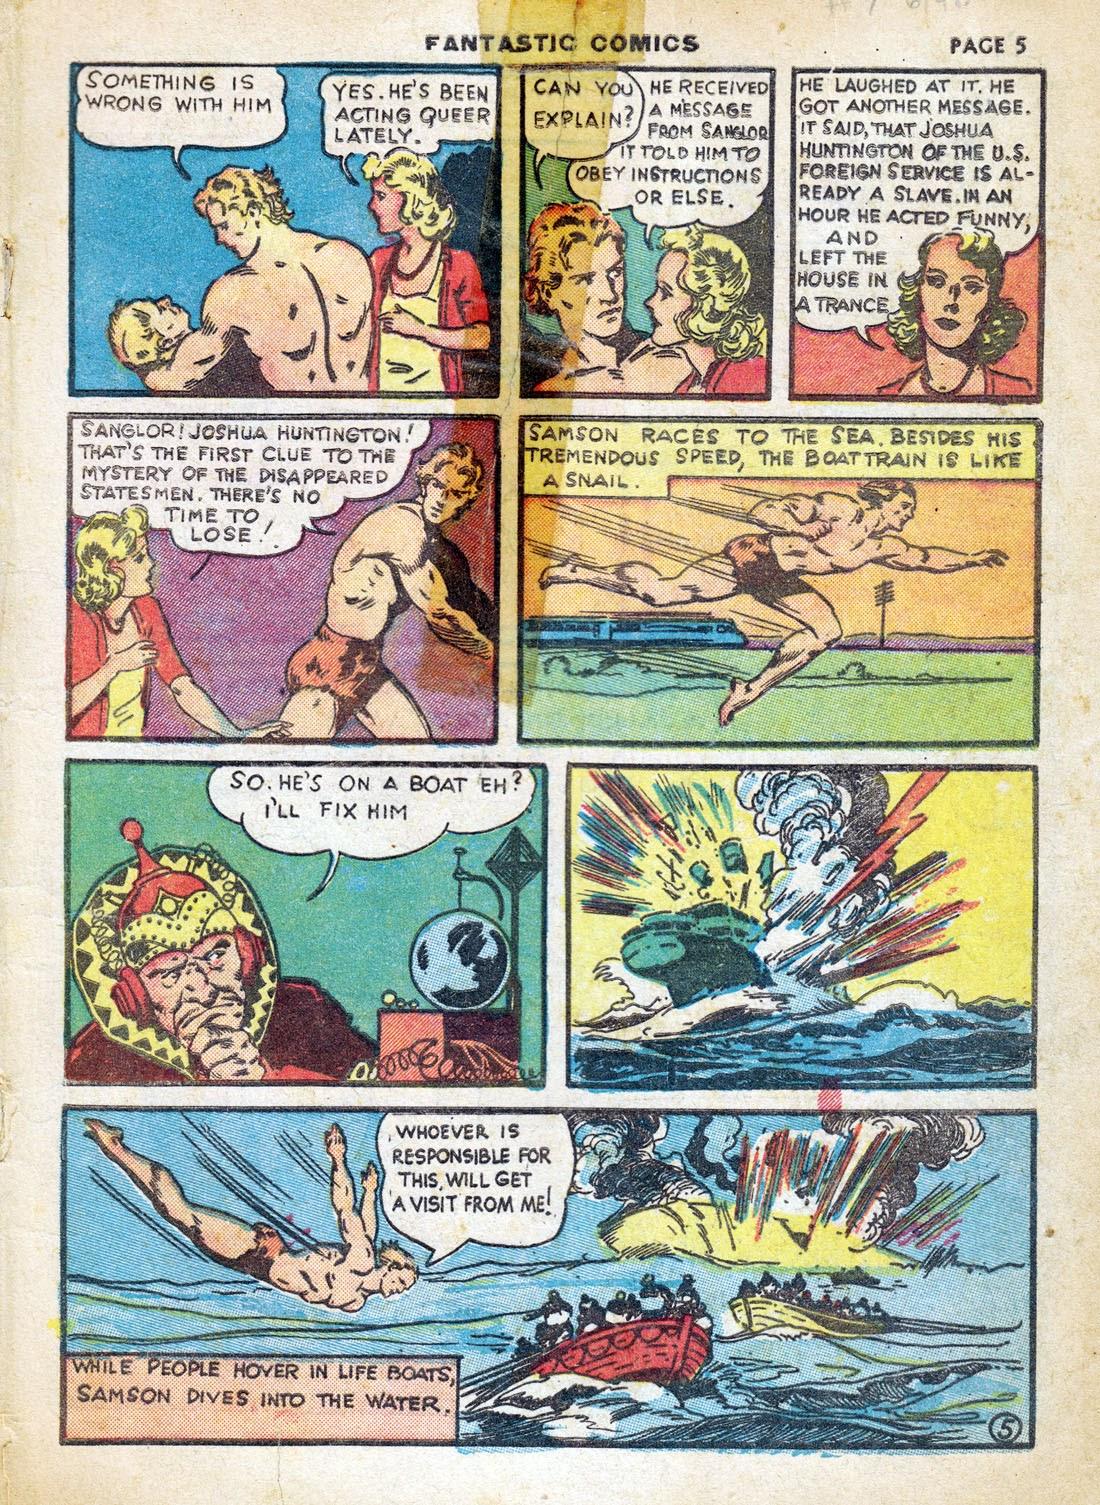 Read online Fantastic Comics comic -  Issue #7 - 7